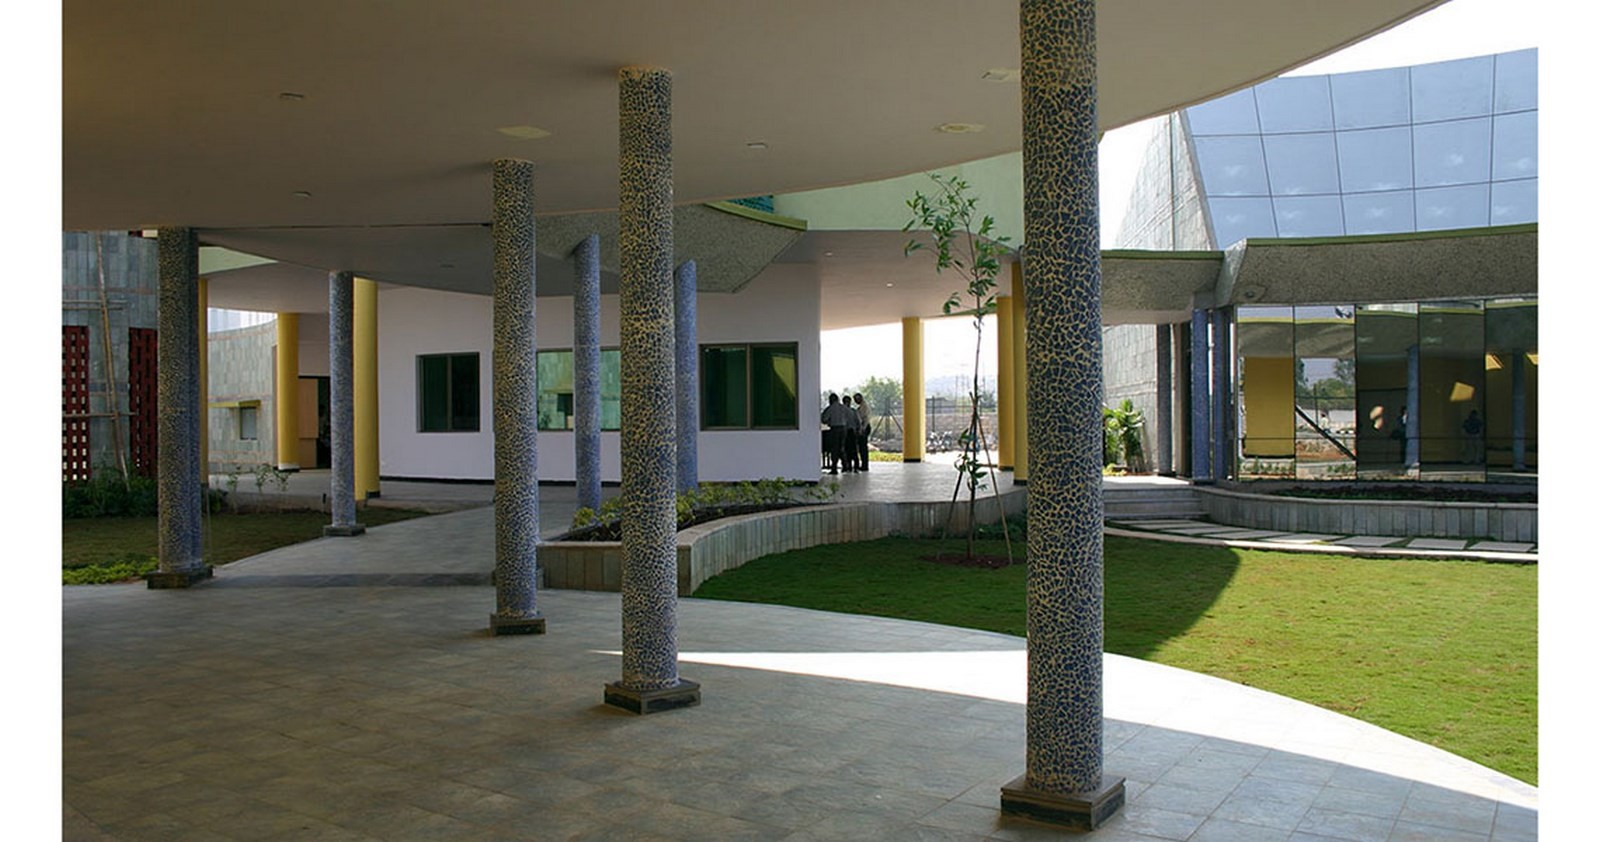 Sohrabji Godrej Green Business Centre, Hyderabad, India - Sheet3